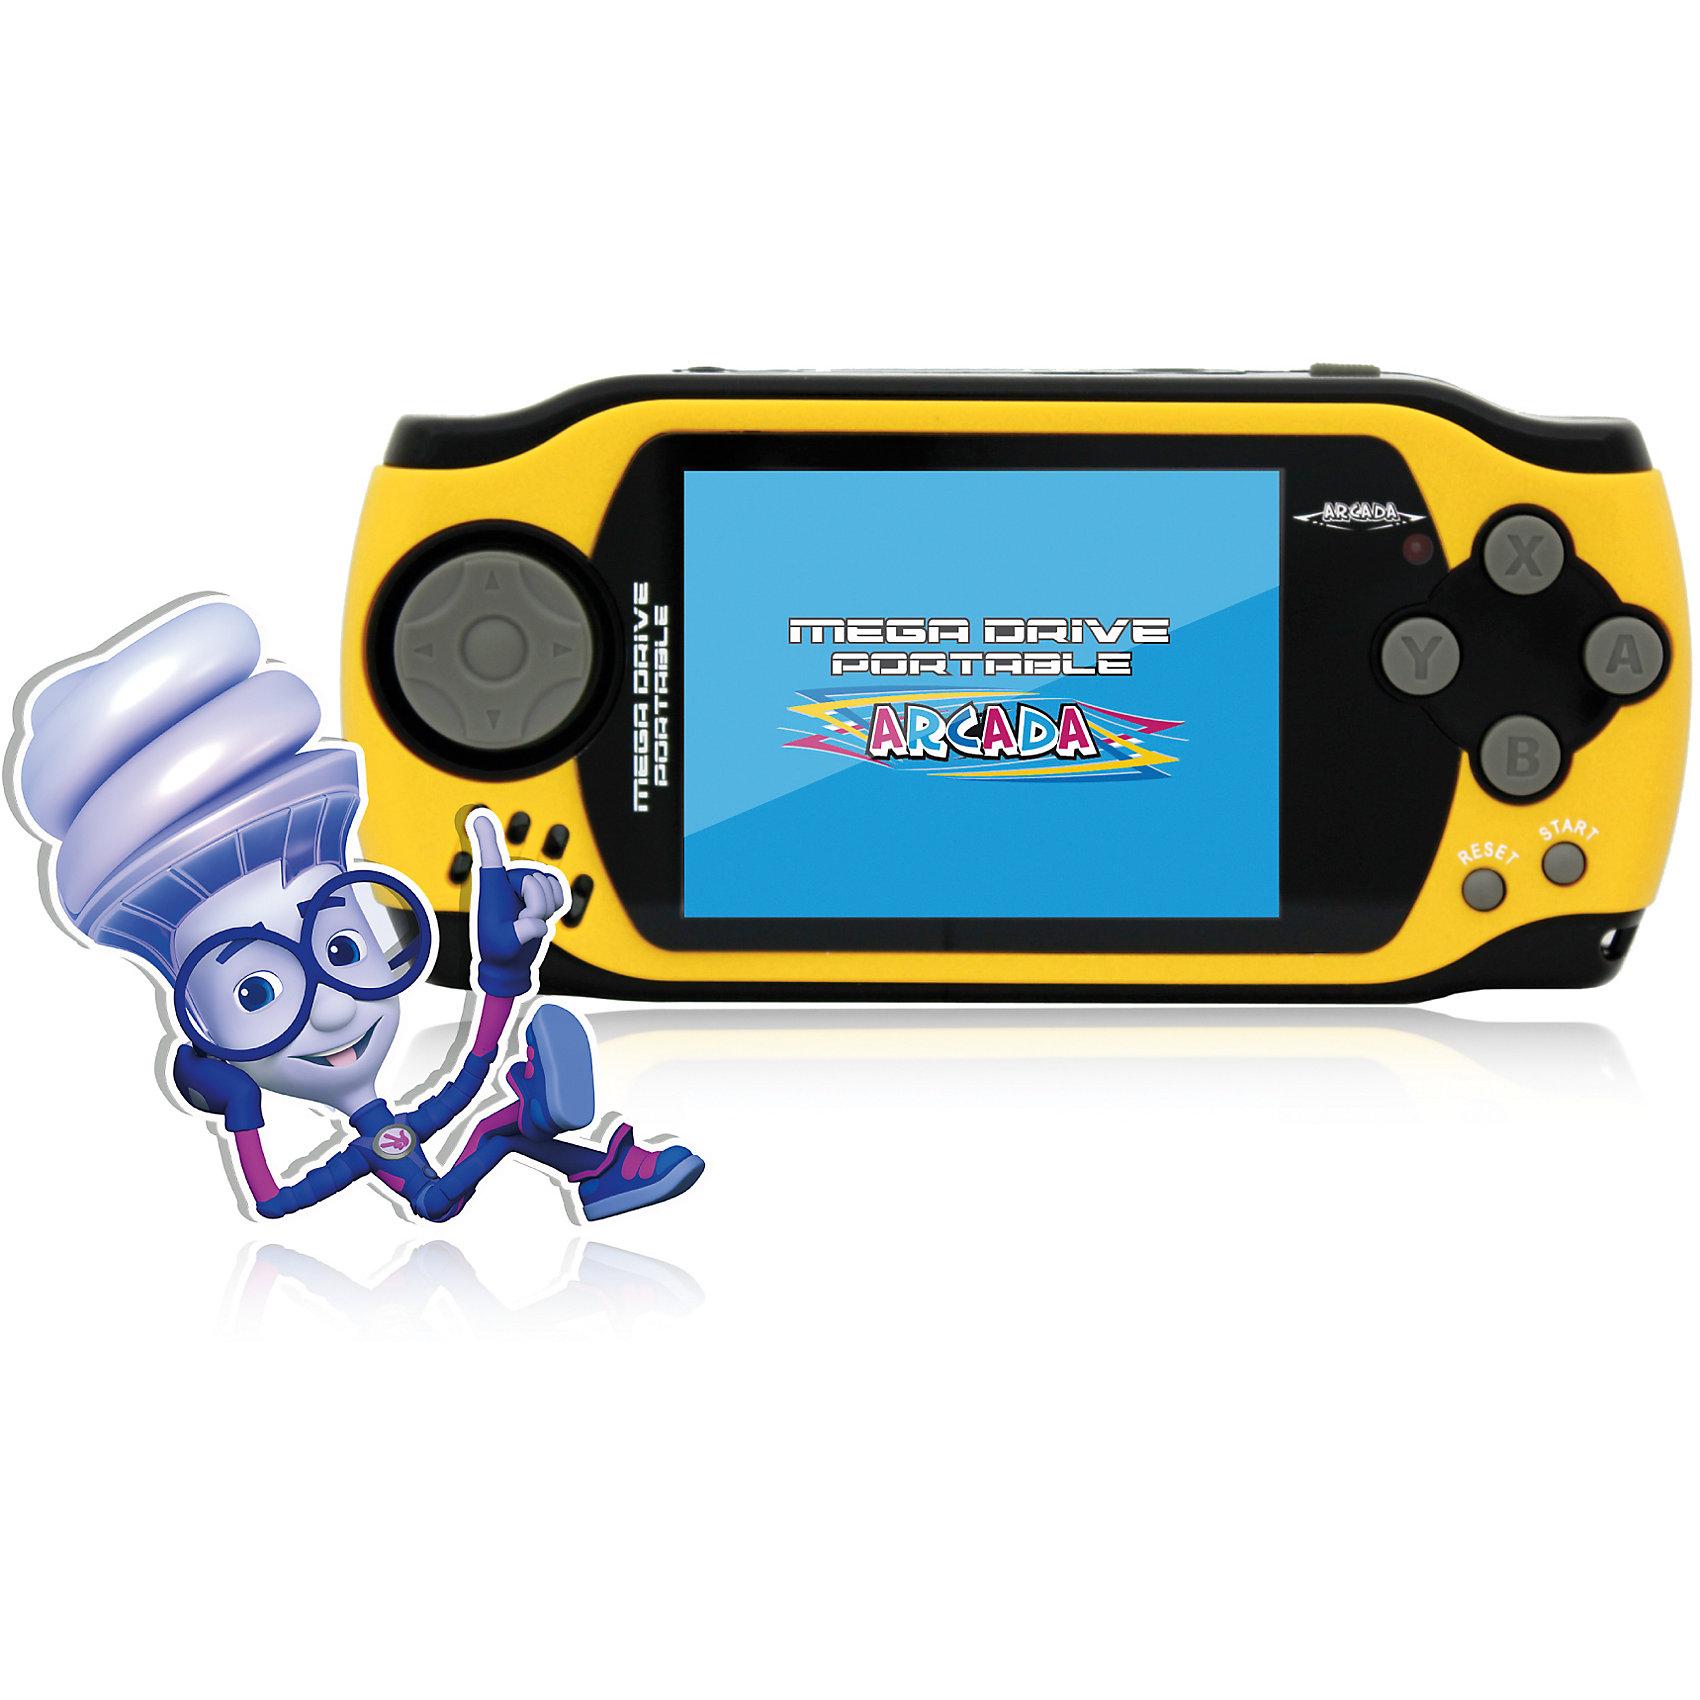 Игровая Фикси - Приставка Arcada, Mega Drive, ФиксикиИгровая Фикси - Приставка Arcada, Mega Drive, Фиксики – игровое устройство из серии 16-битных портативных приставок со встроенными играми.<br>Игровая Фикси - Приставка Arcada - яркое игровое устройство в памяти, которой находится коллекция из 105 самых популярных видеоигр 16-битного геймплея. Особенностью коллекции игр приставки является то, что в ней собраны не только простые игры для приятного времяпрепровождения детей и взрослых, но и специальные логические и спортивные игры, которые тренируют память, развивают смекалку, быстроту реакции и конечно влияют на мелкую моторику рук. Оформлено устройство в стиле популярного мультсериала «Фиксики». Приставка имеет четырёхпазный джойстик слева, который обычно используются для движения, и шесть функциональных кнопок справа. Кнопки выполнены из удобного мягкого пластика. Удачное расположение кнопок и эргономичный дизайн корпуса позволяют приставке удобно помещаться в руках и не напрягать кисти рук даже во время самых длительных игровых баталий. Дисплей выполнен по технологии CSTN (Color Super Twist Nematic), что обеспечивает поистине потрясающую яркость и контрастность. Также приставка оборудована AV-выходом, благодаря чему устройство можно подключить к телевизору и проходить любимые игры на большом экране и навсегда забыть о стационарных консолях огромных размеров. Встроенный динамик обеспечит качественное, громкое звучание, и звуки баталий будут отчётливо слышны не только Вам, но и окружающей компании. При необходимости к консоли можно подключить и наушники - приставка оснащена стандартным гнездом звукового выхода 3,5 мм.<br><br>Дополнительная информация:<br><br>- Комплектация: консоль со встроенными играми, AV-кабель, инструкция, гарантийный талон<br>- Дисплей: 3 дюйма LCD, разрешение 320x240 точек<br>- Встроенные игры: 105<br>- Источник питания: 3 батарейки типа ААА<br>- Время работы: около 8 часов<br>- Разъемы: видео выход - AV (видео + аудио)<br>- Материал корпуса: